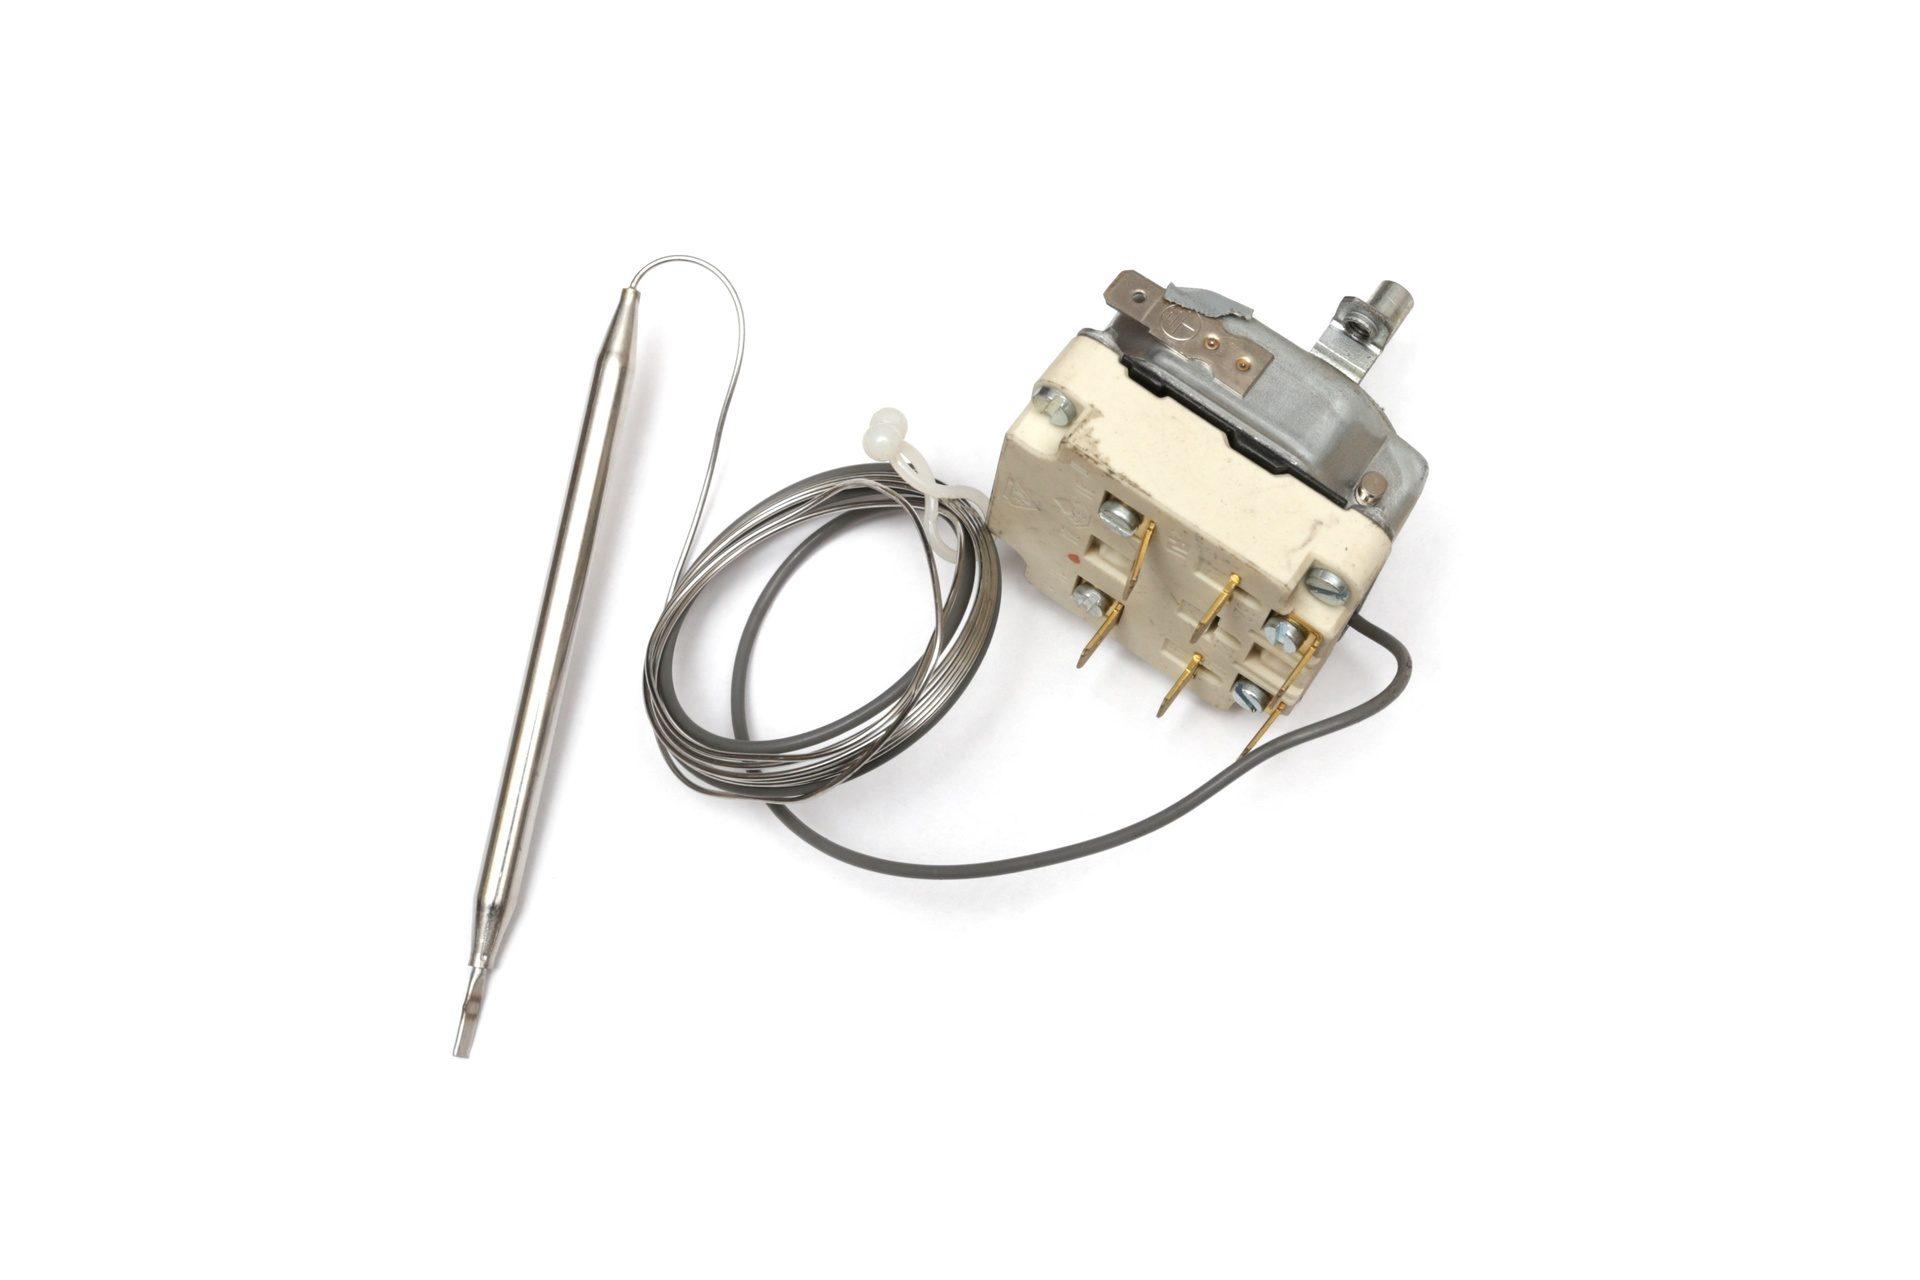 Терморегулятор для котла отопления - описание, выбор, подключение